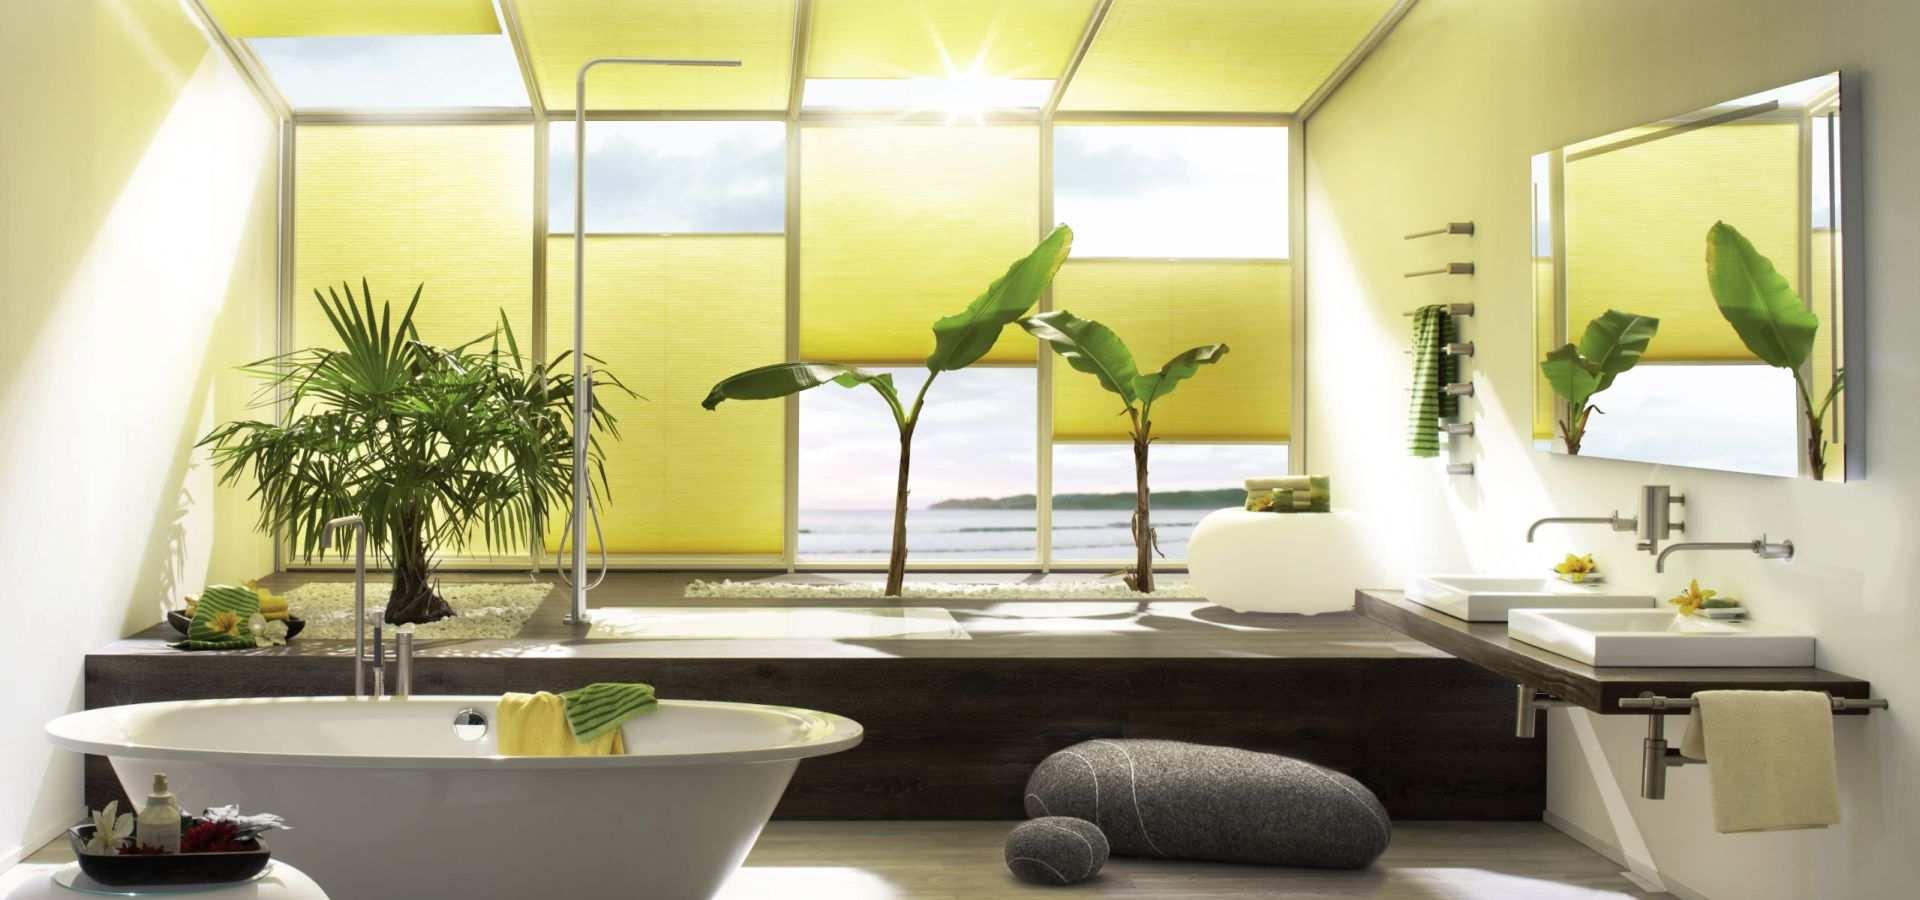 Bild moderne Bad mit Plissees Duette gelb